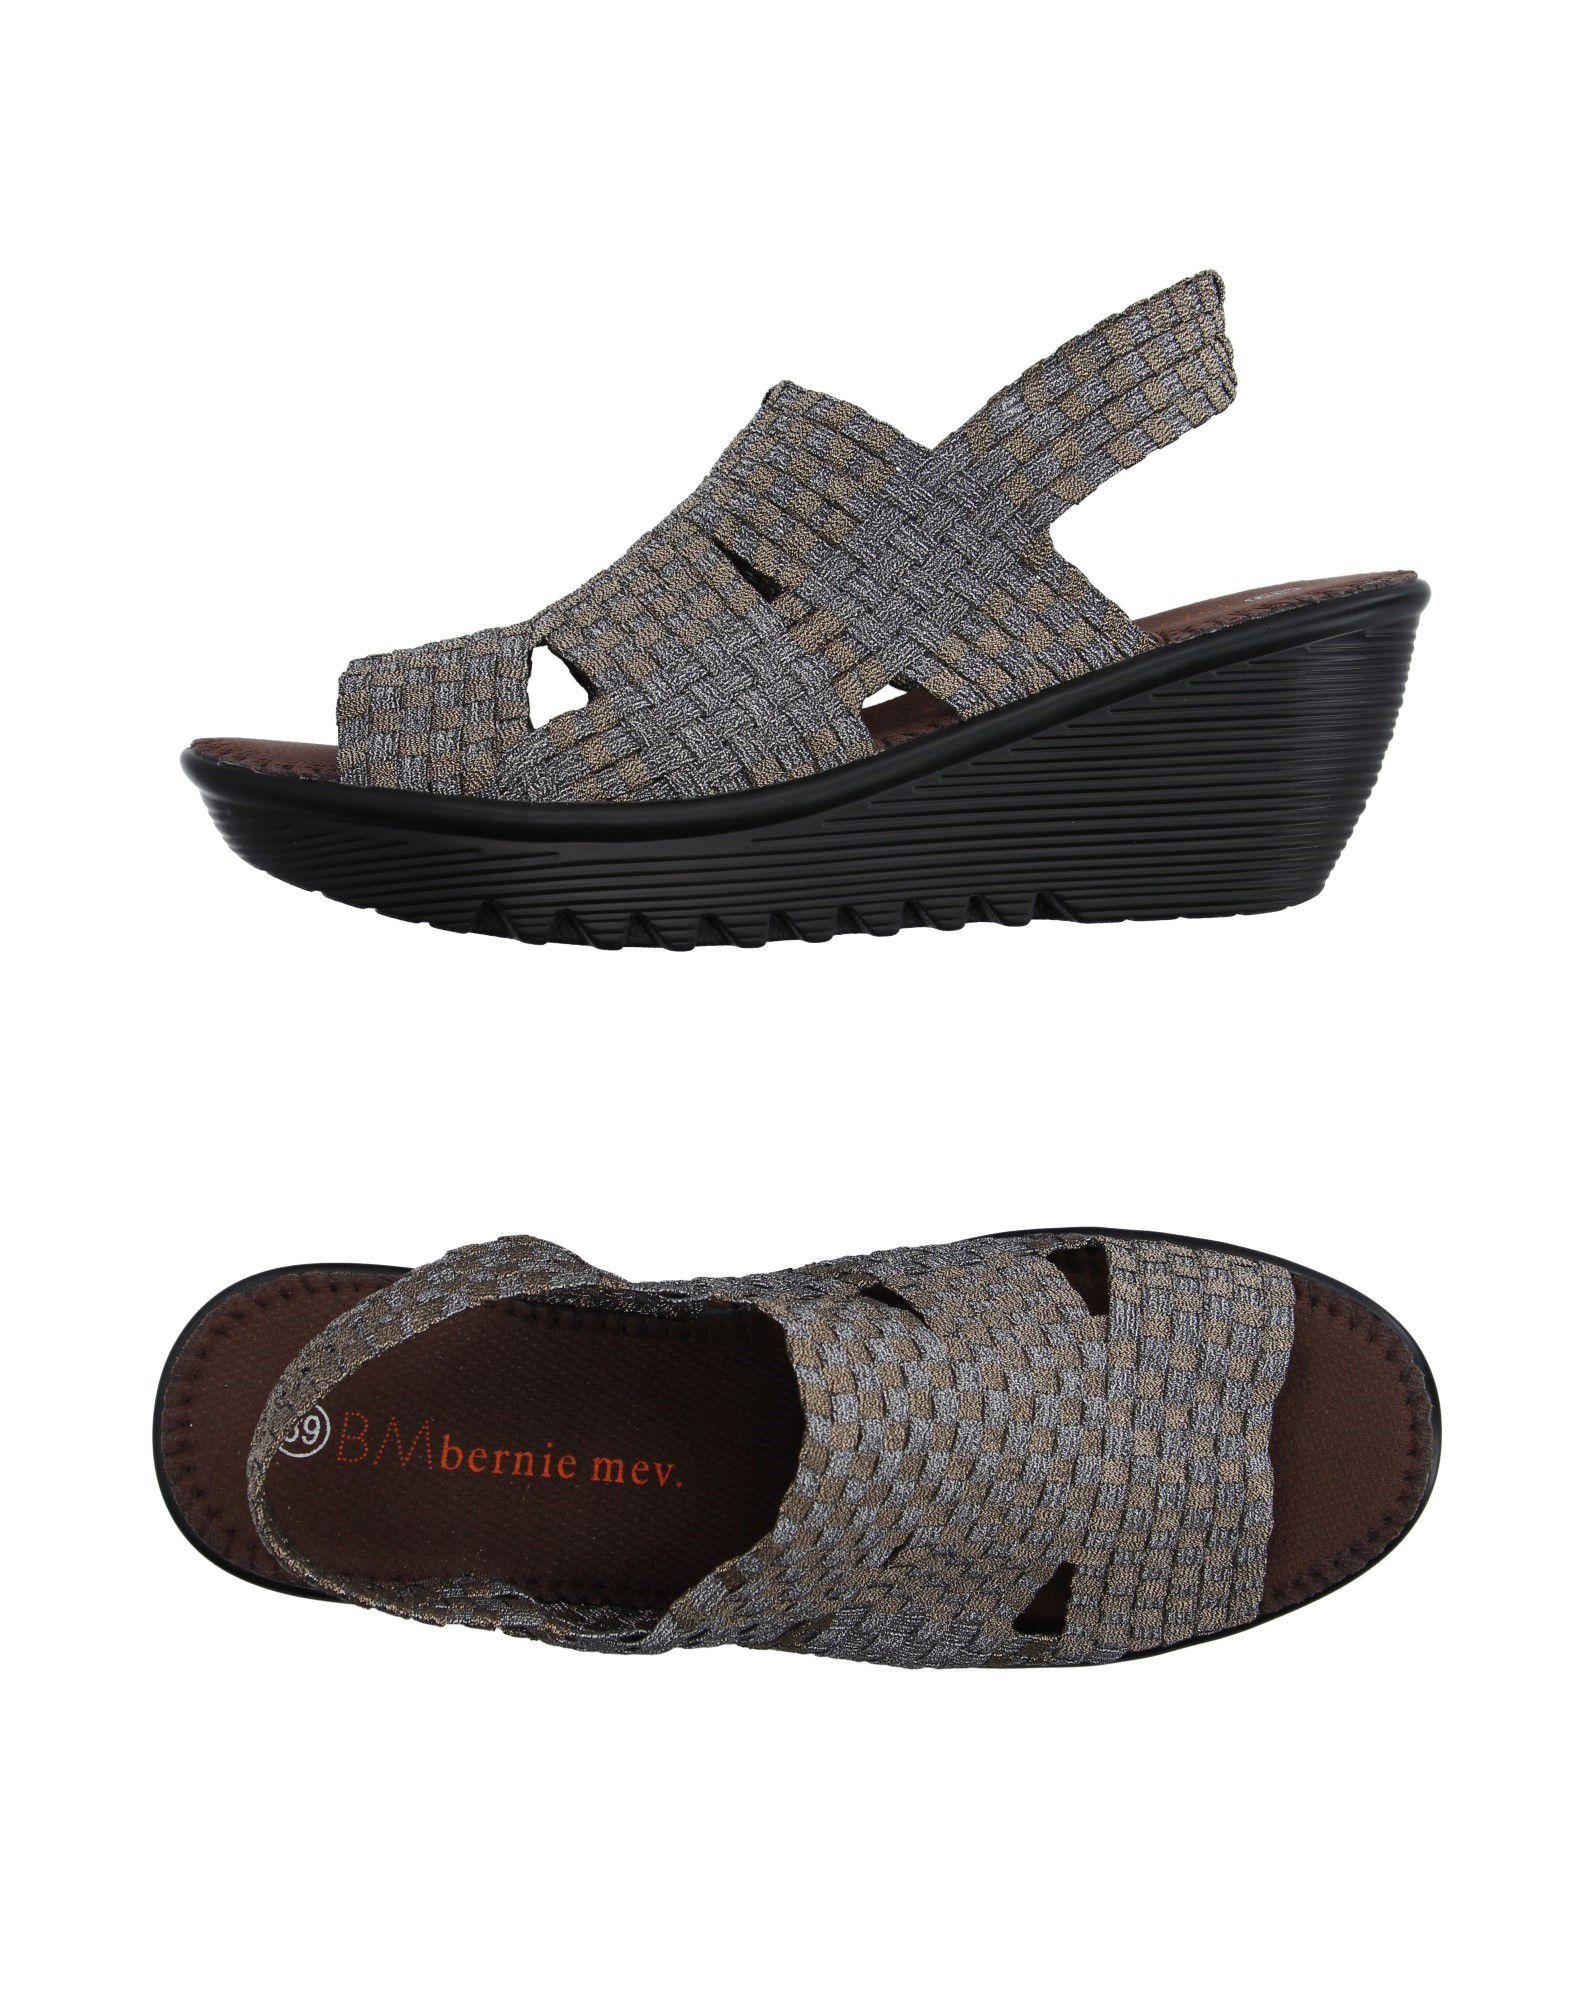 Bernie Mev. Sandalen beliebte Damen  11154911TP Gute Qualität beliebte Sandalen Schuhe acde67